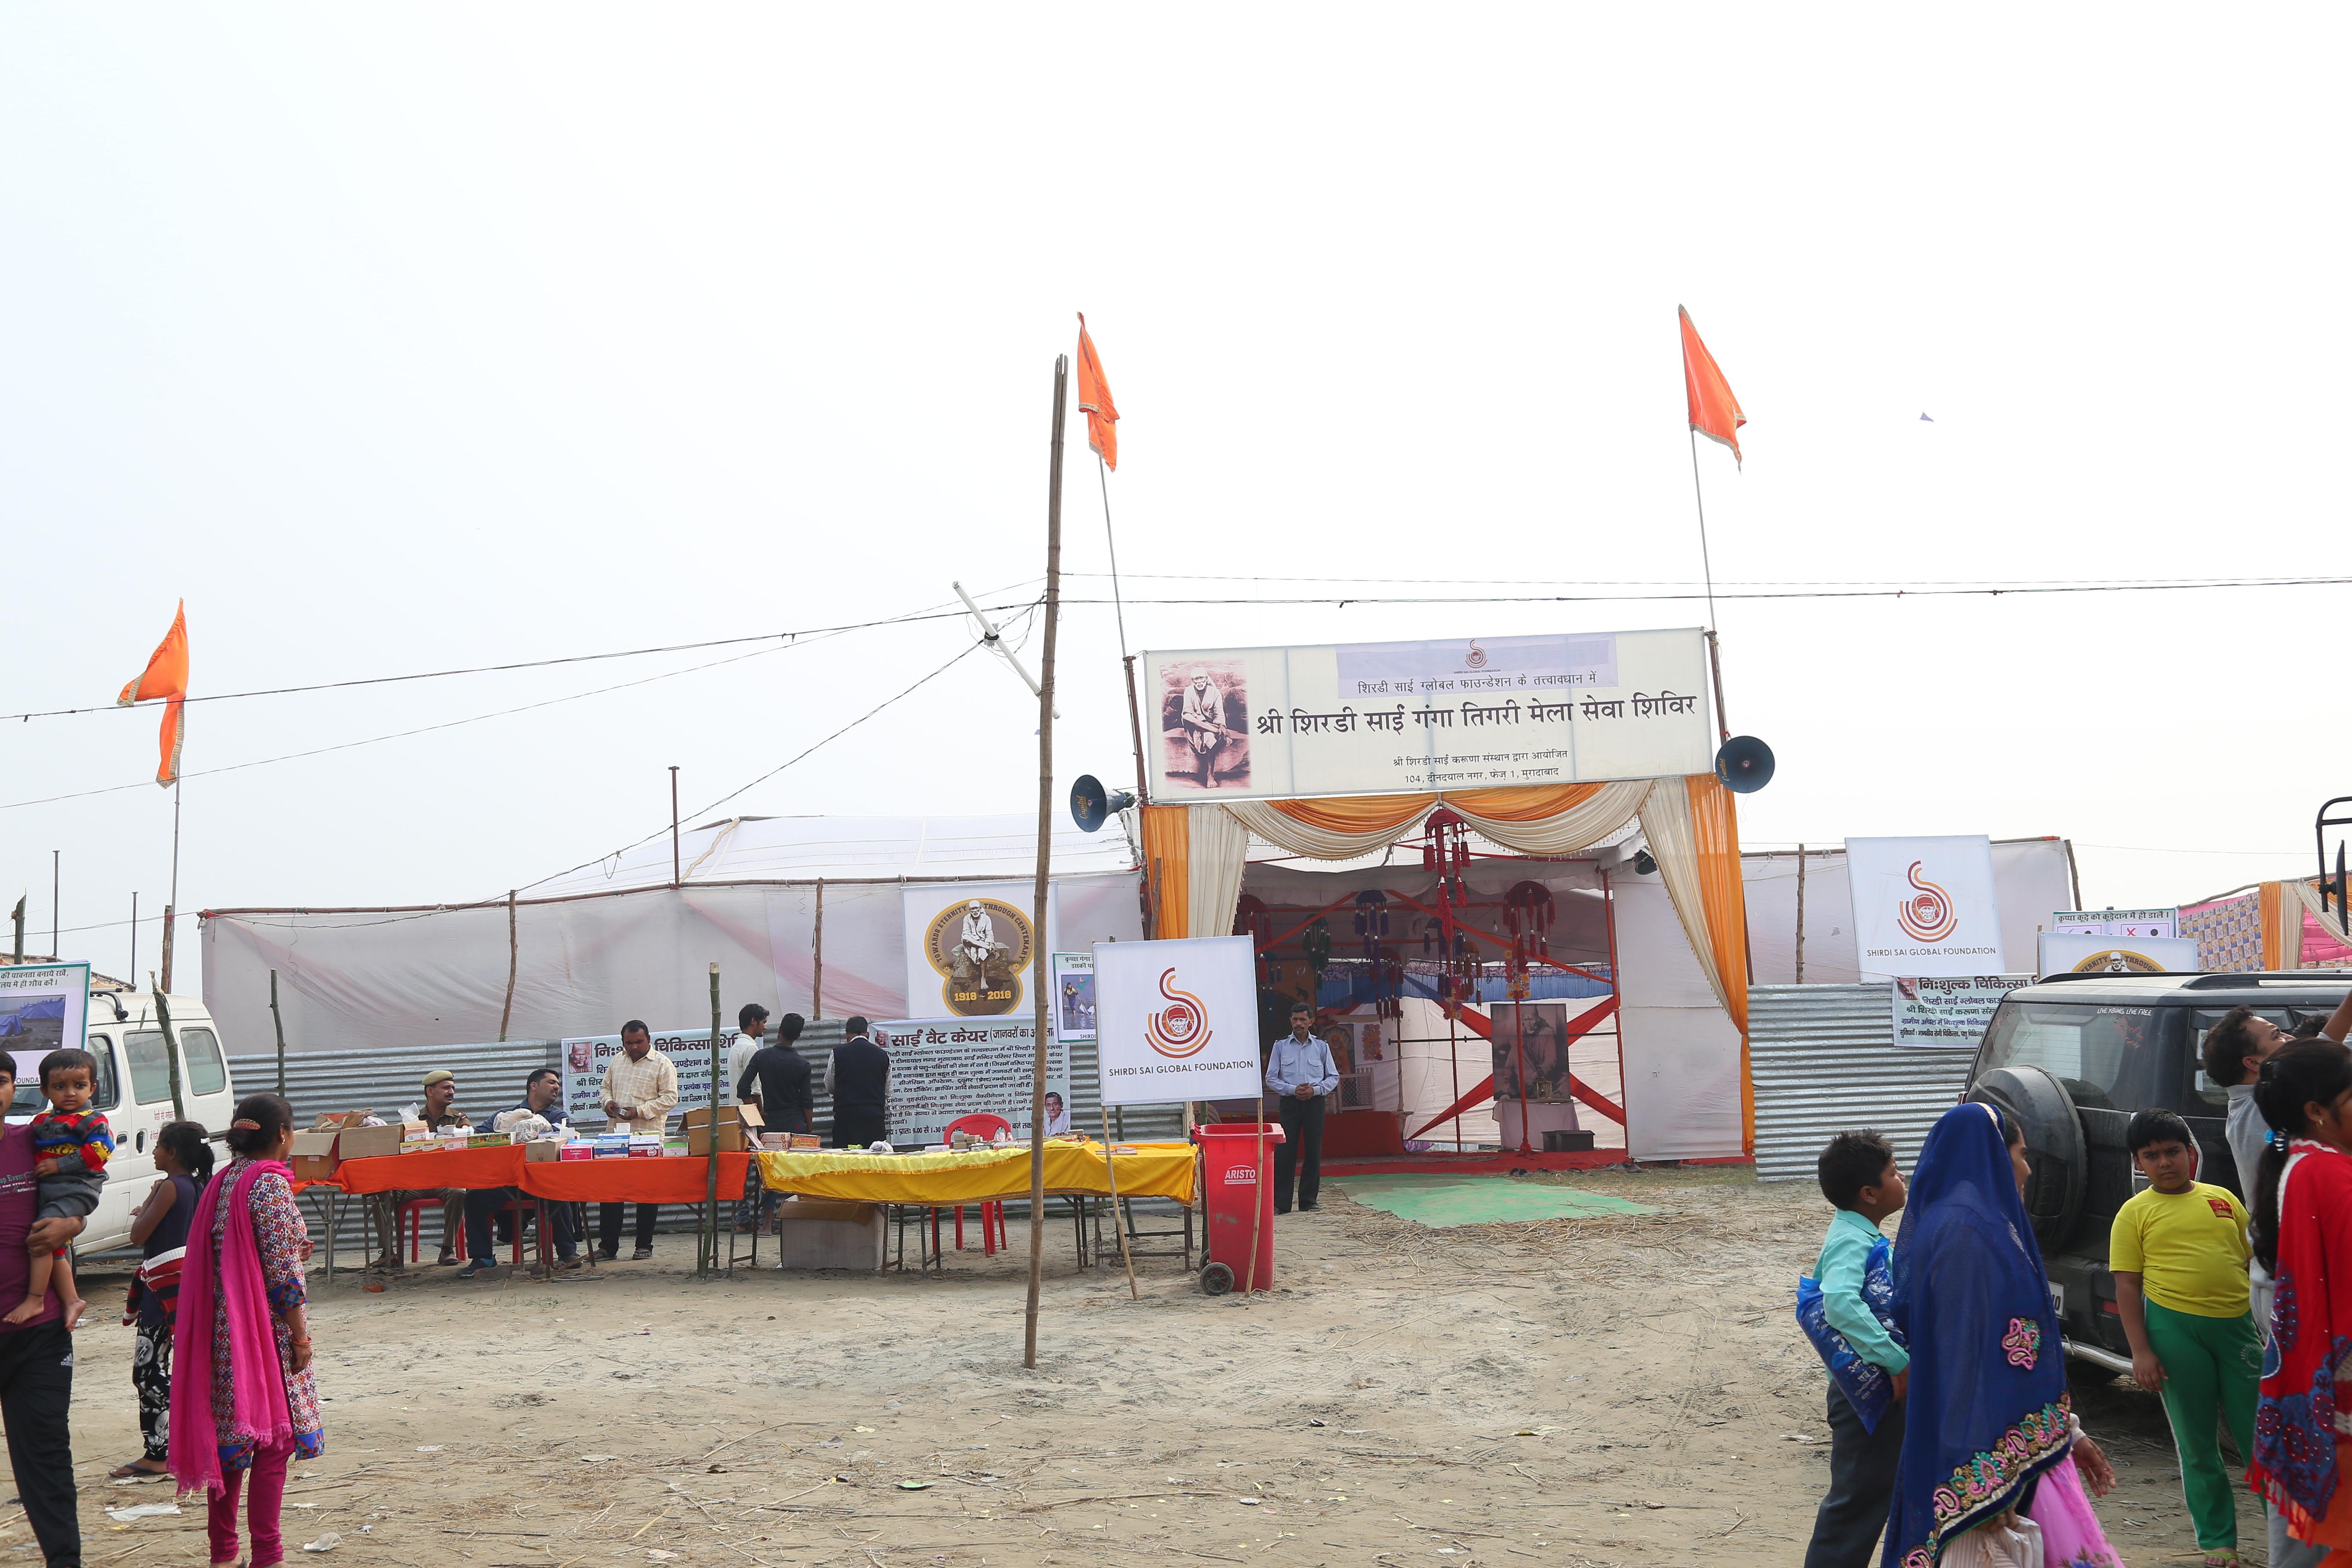 Shri Sai Camp